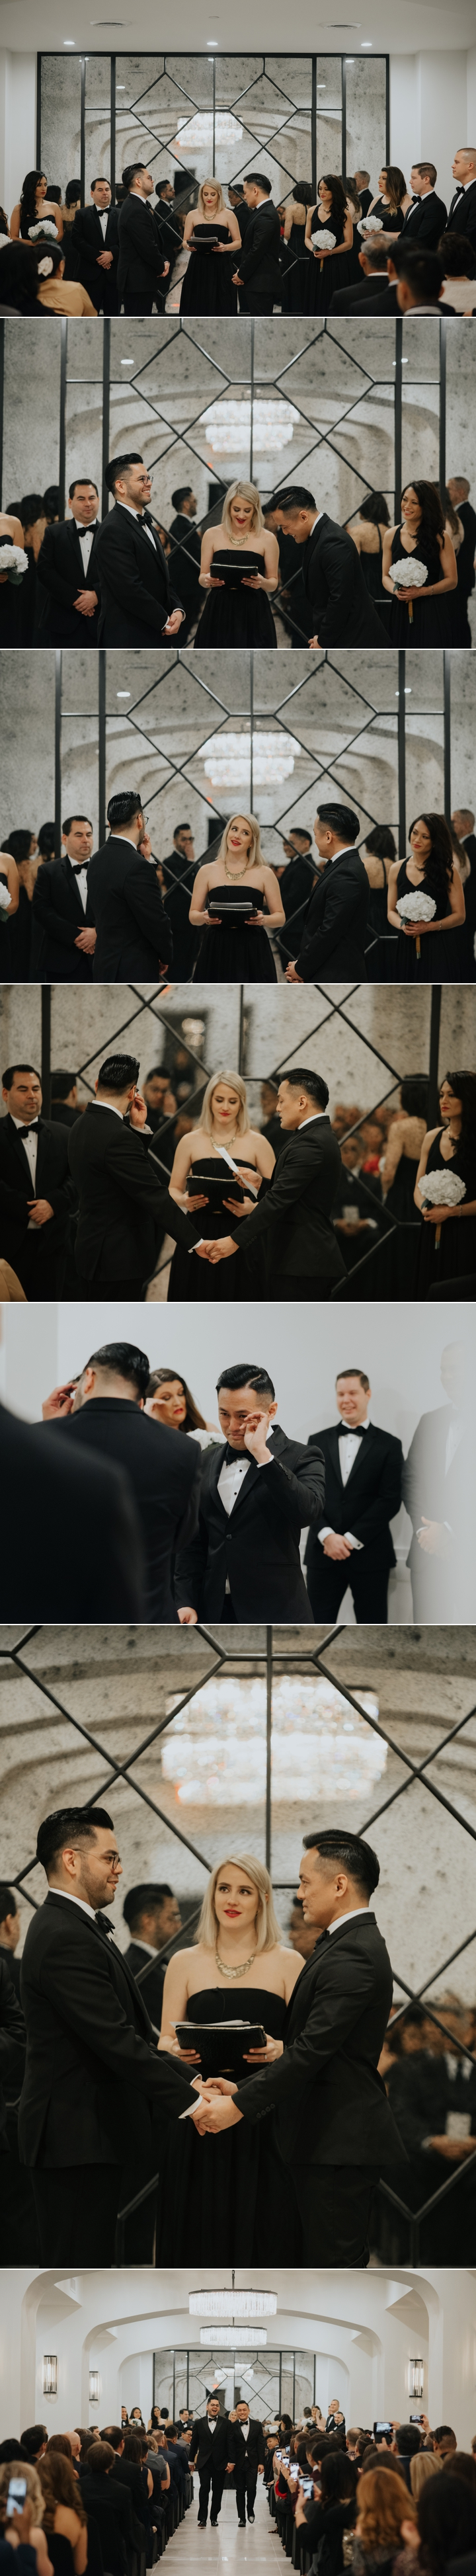 the-statler-hotel-weddings 11.jpg